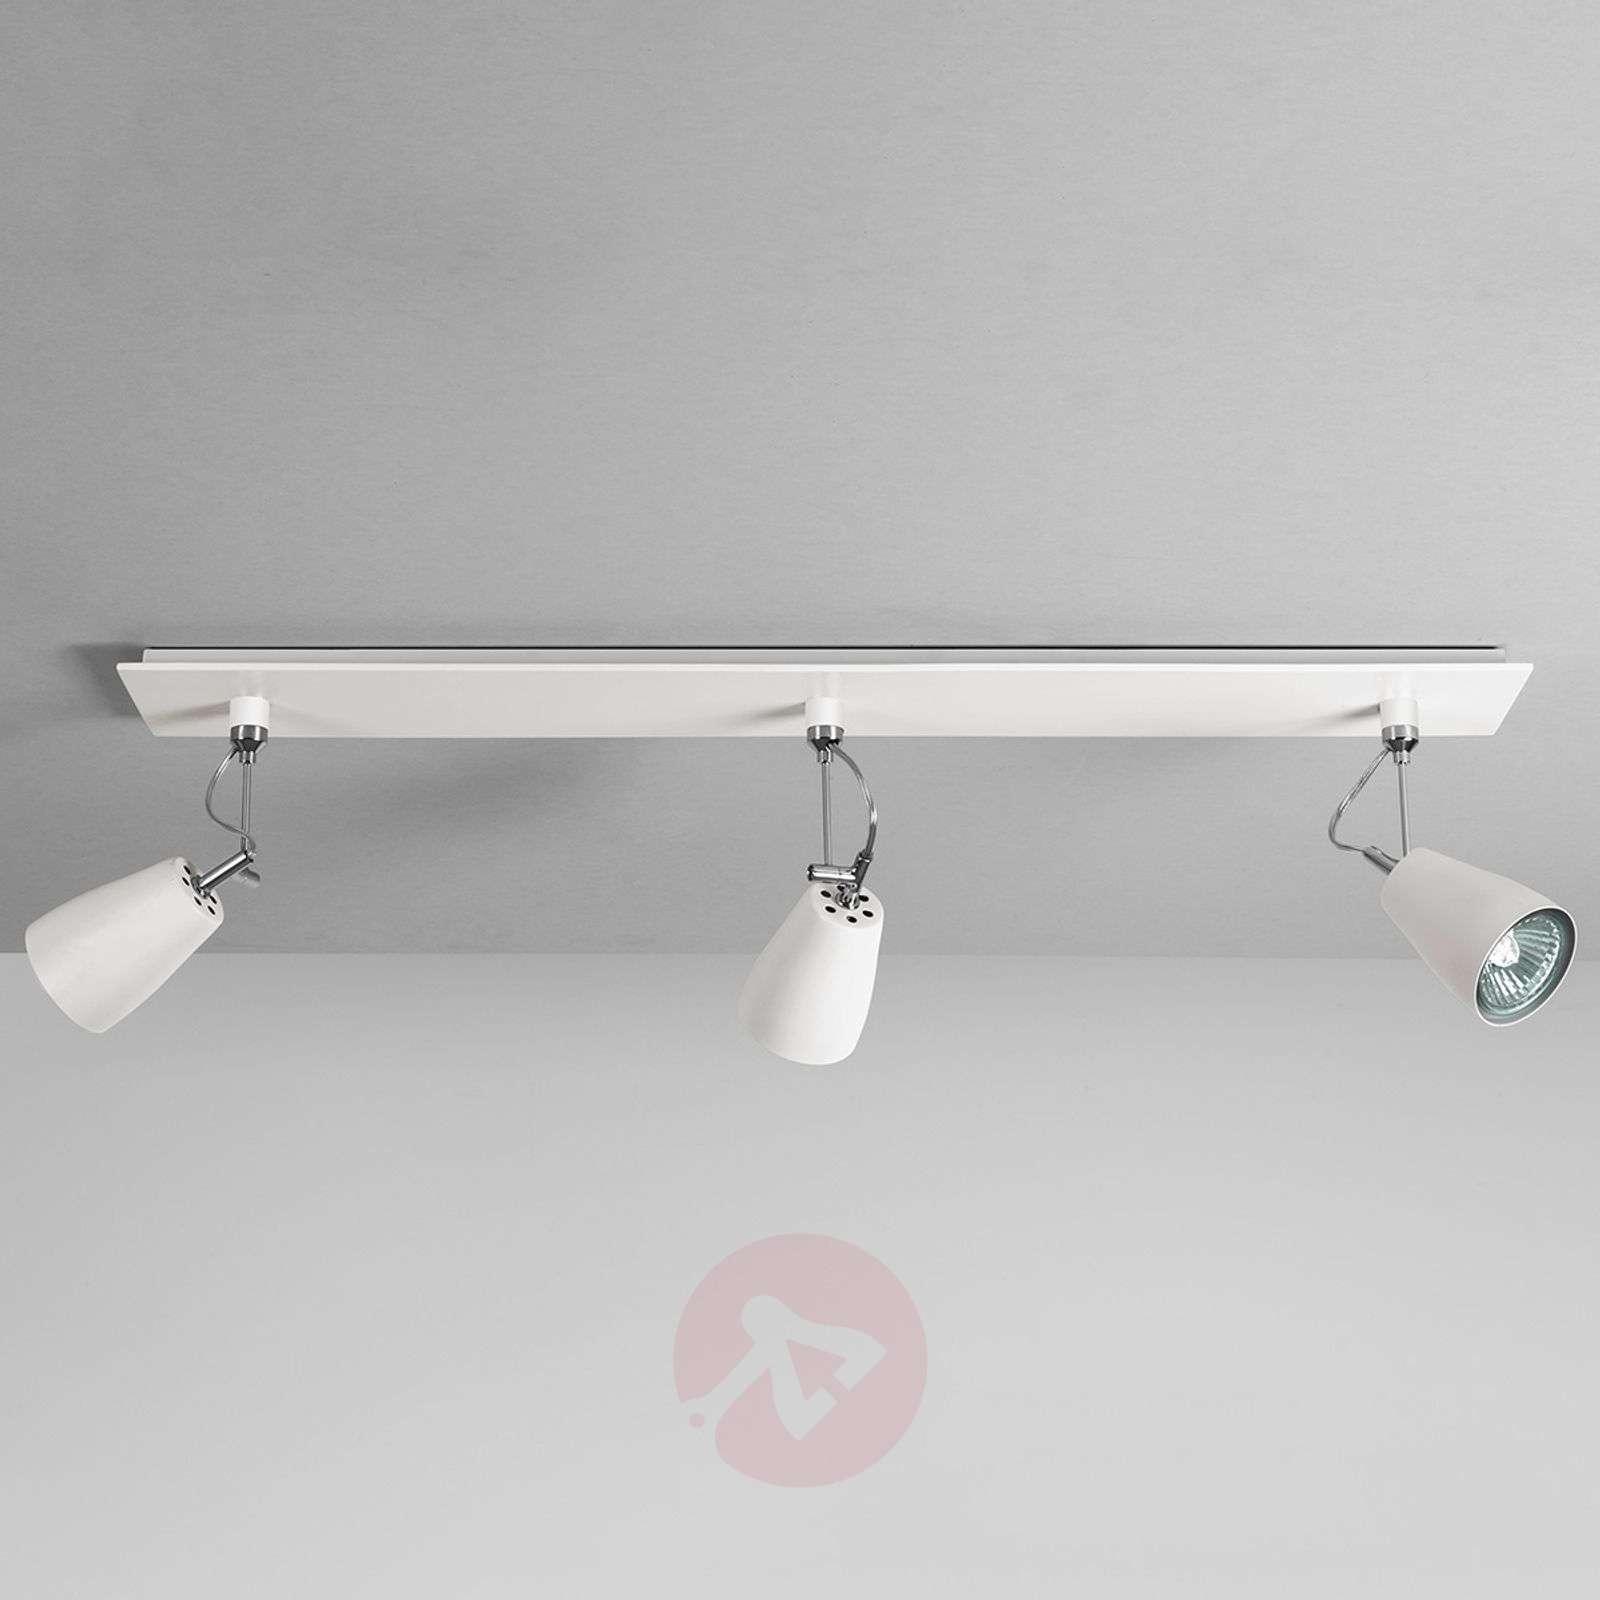 3-osainen, koristeellinen POLAR-kattokohdevalo-1020264-02